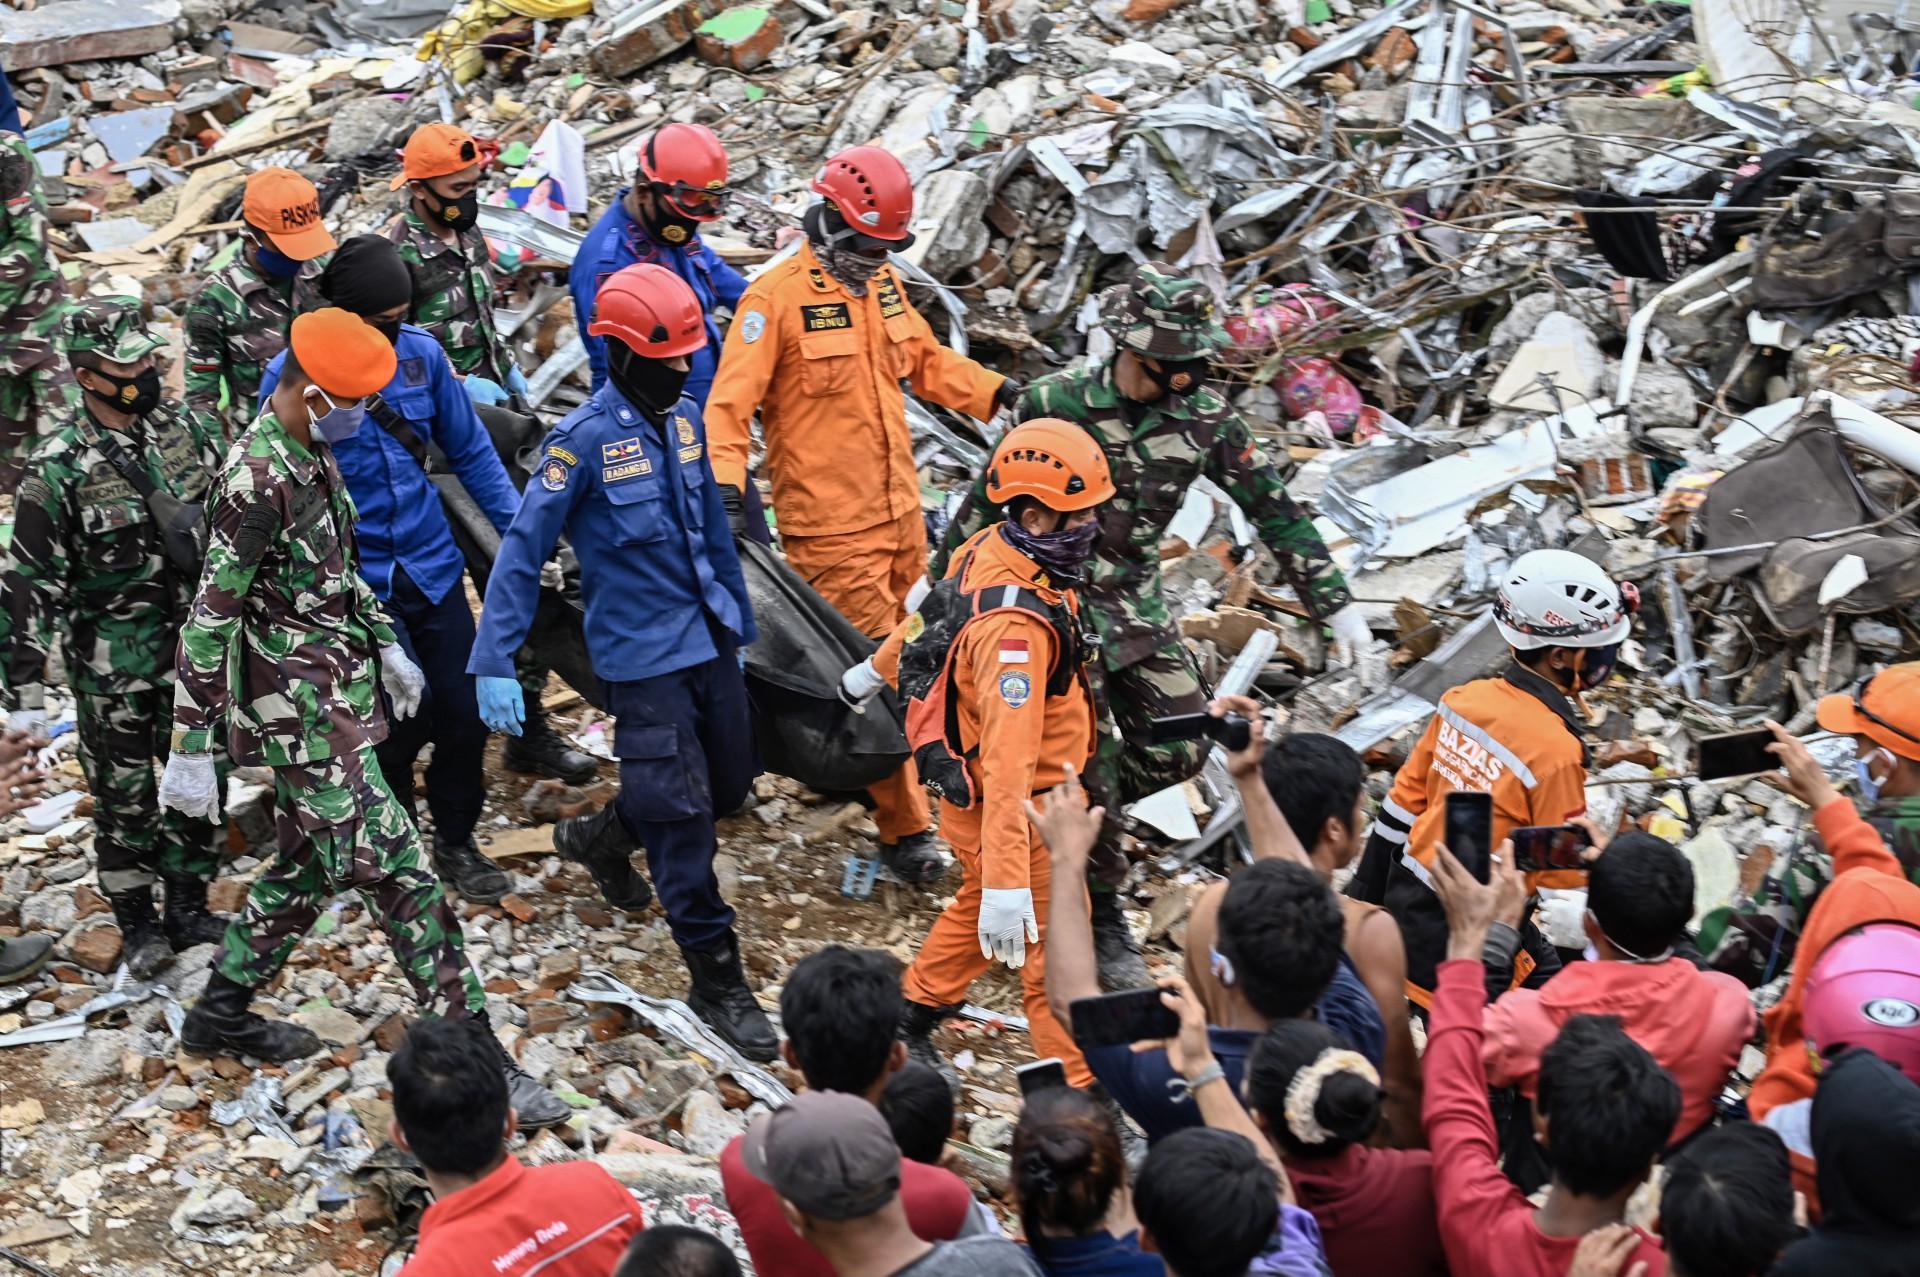 Dezenas de sobreviventes resgatados após terremoto na ilha indonésia  Celebes | Mundo - Últimas Notícias do Mundo | O POVO Online